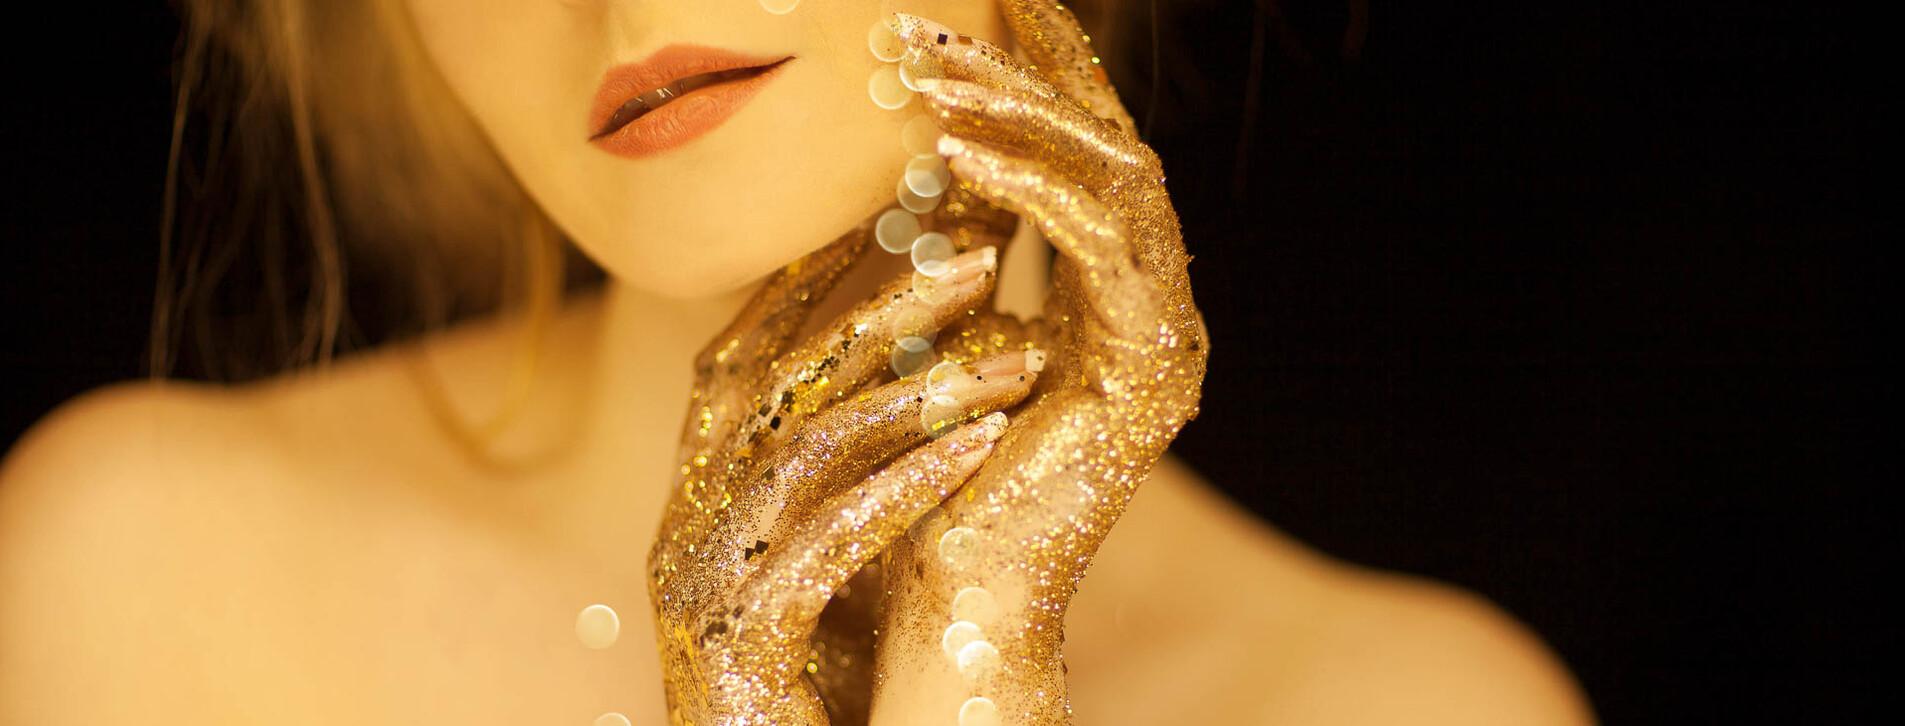 Фото 1 - Массаж с золотом